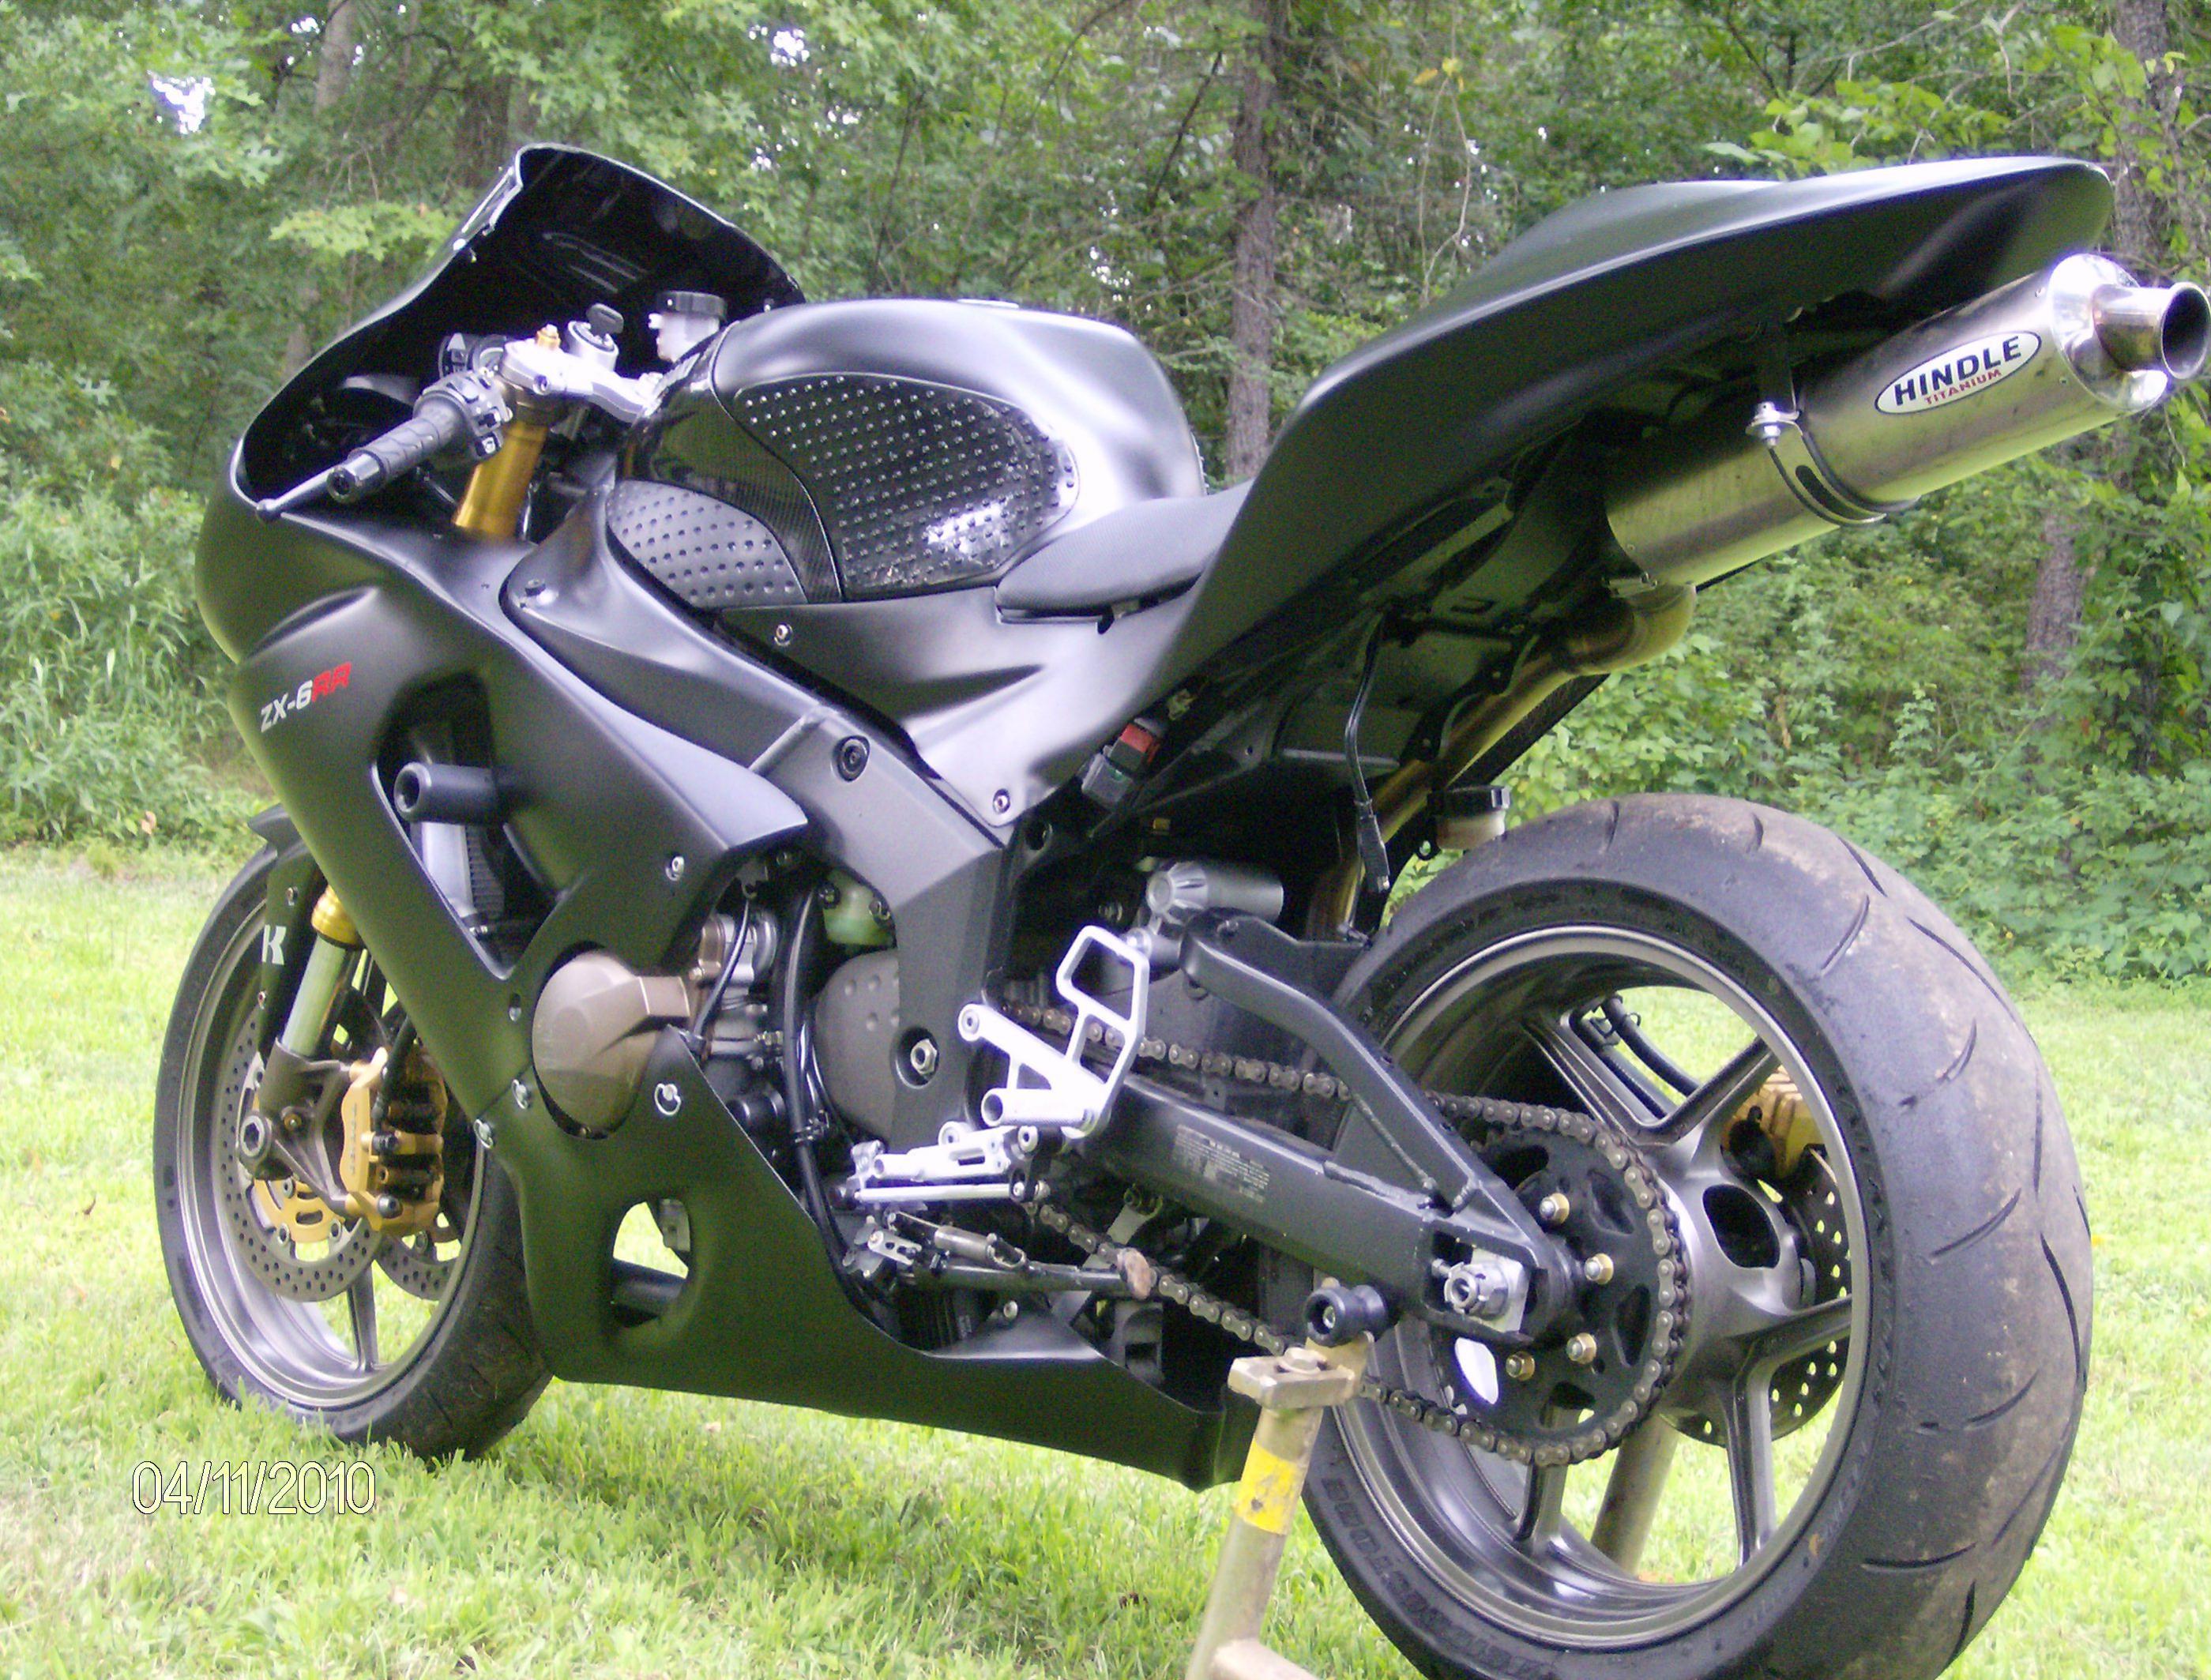 05-kawasaki-zx6rr-600-track-bike-sale-stuff-sale-022.jpg